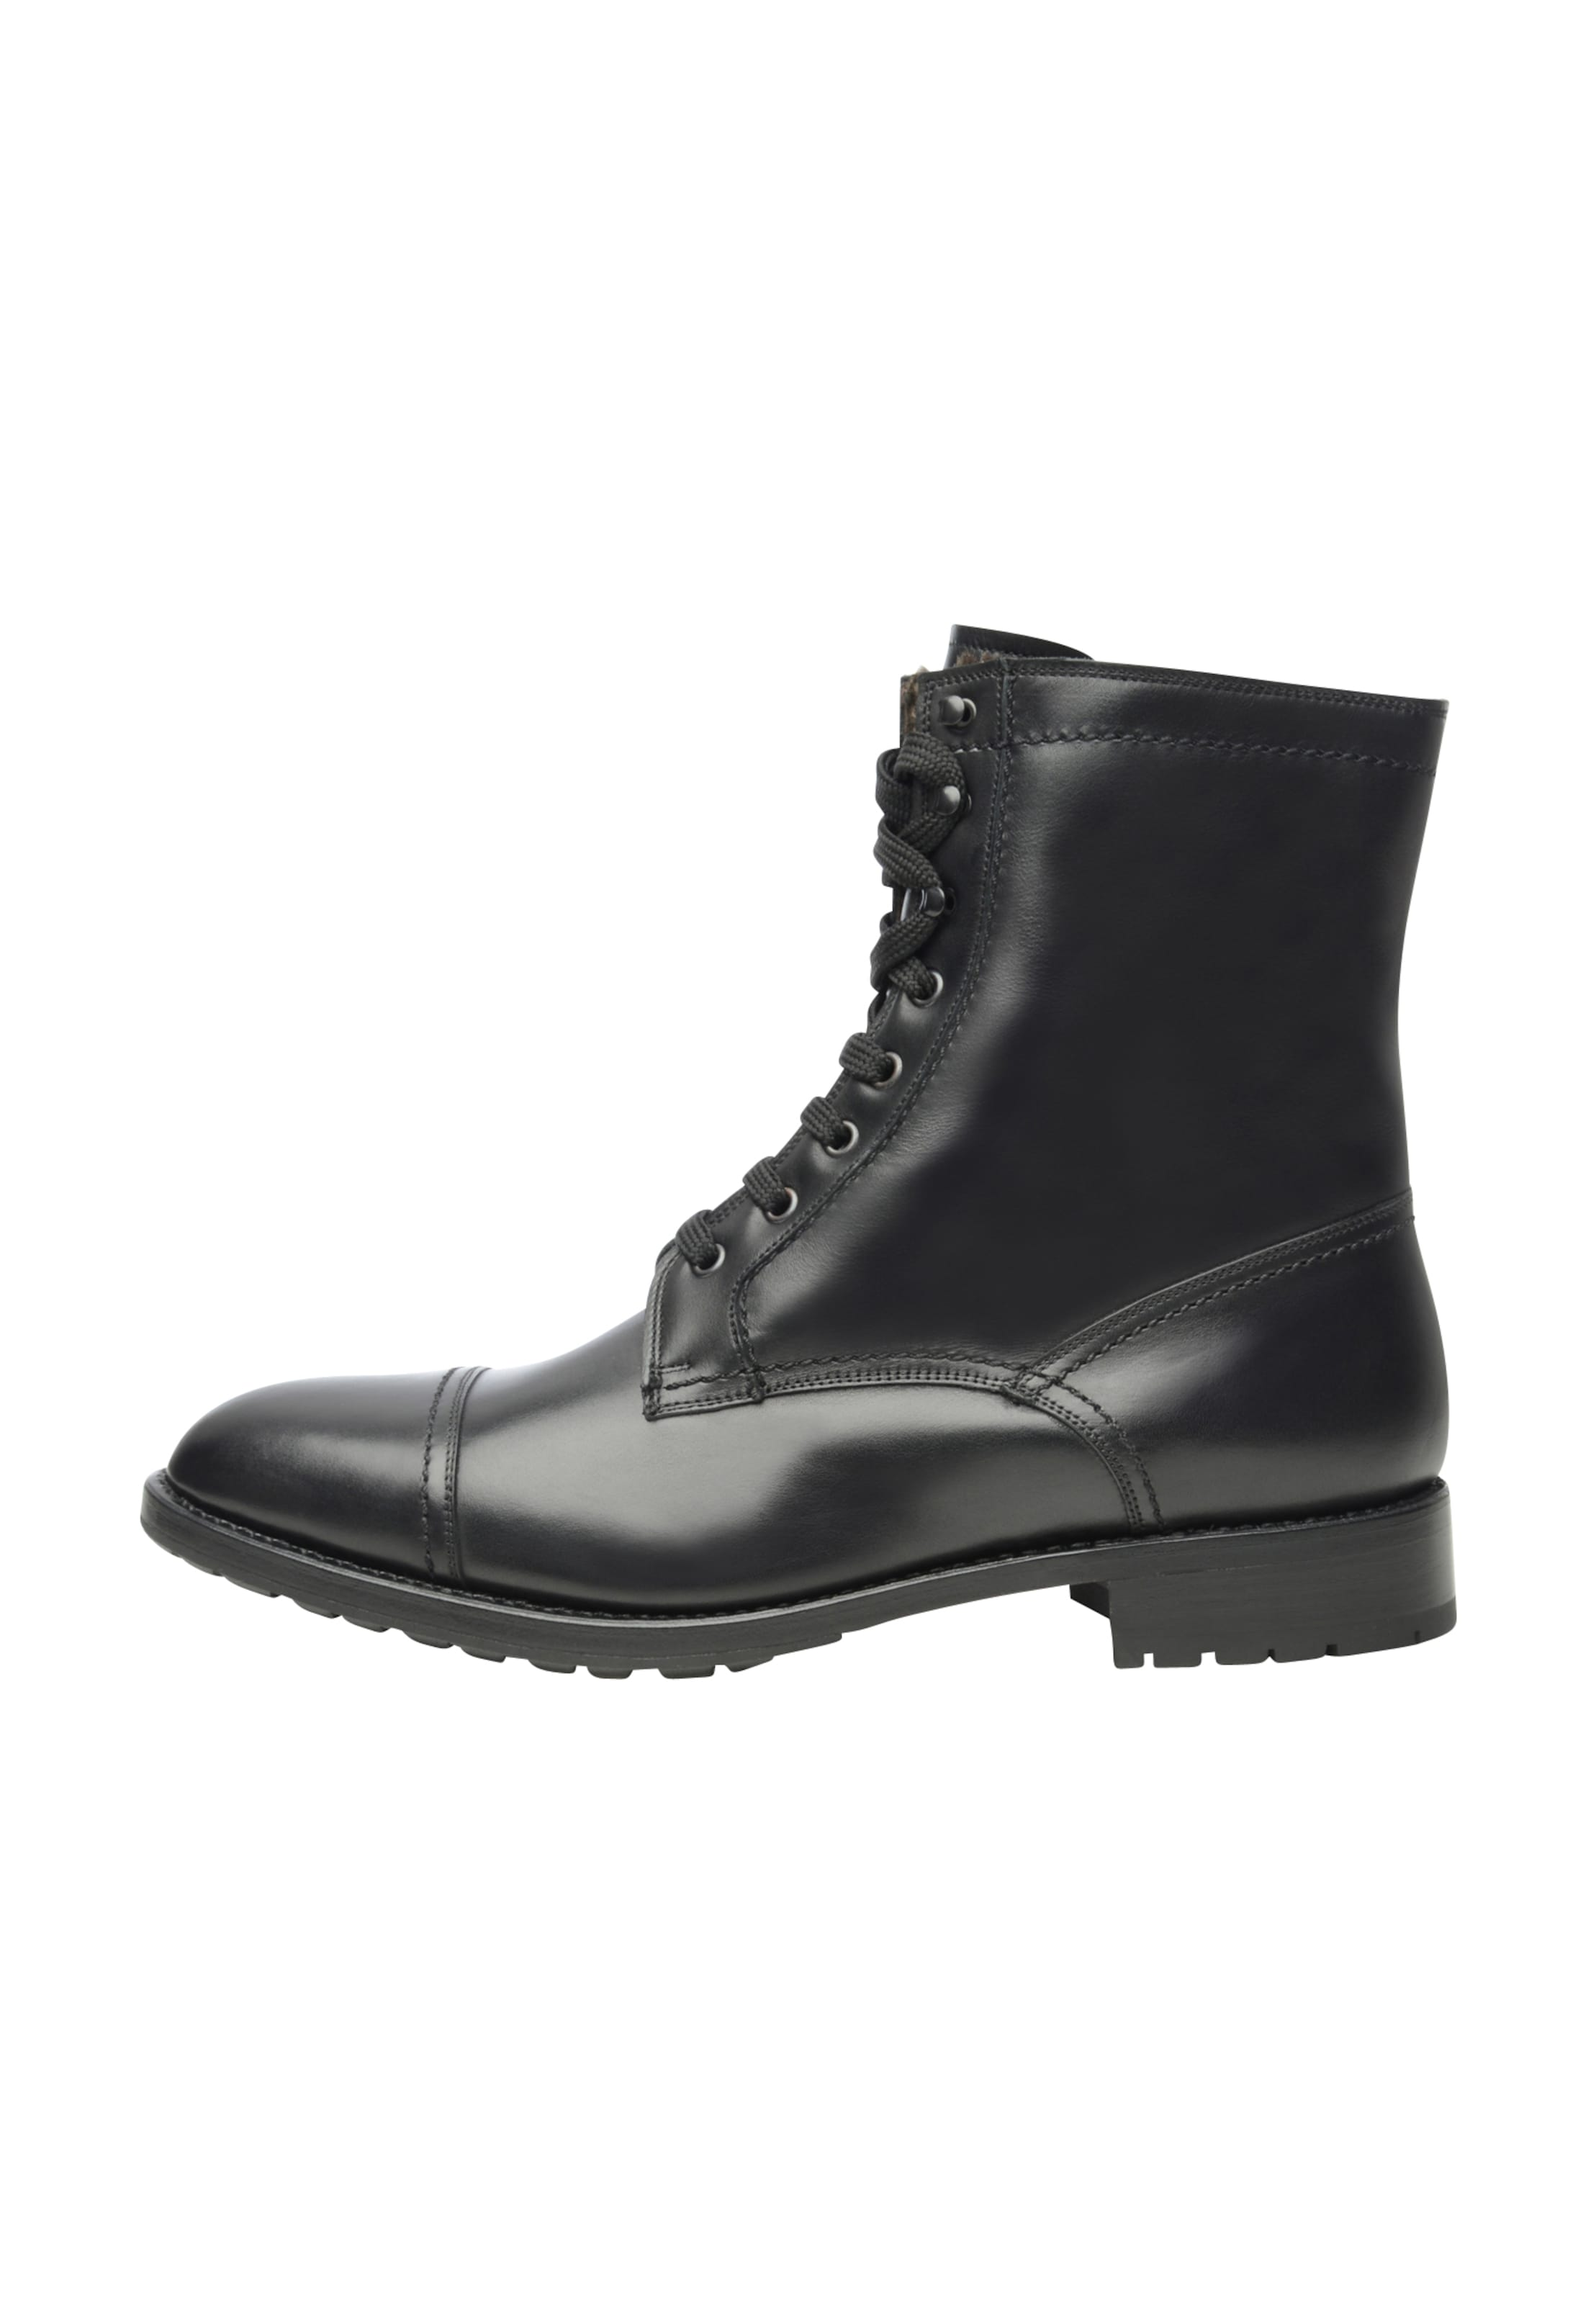 Shoepassion 692' Zwart Veterboots In 'no xw0wFPA1qp